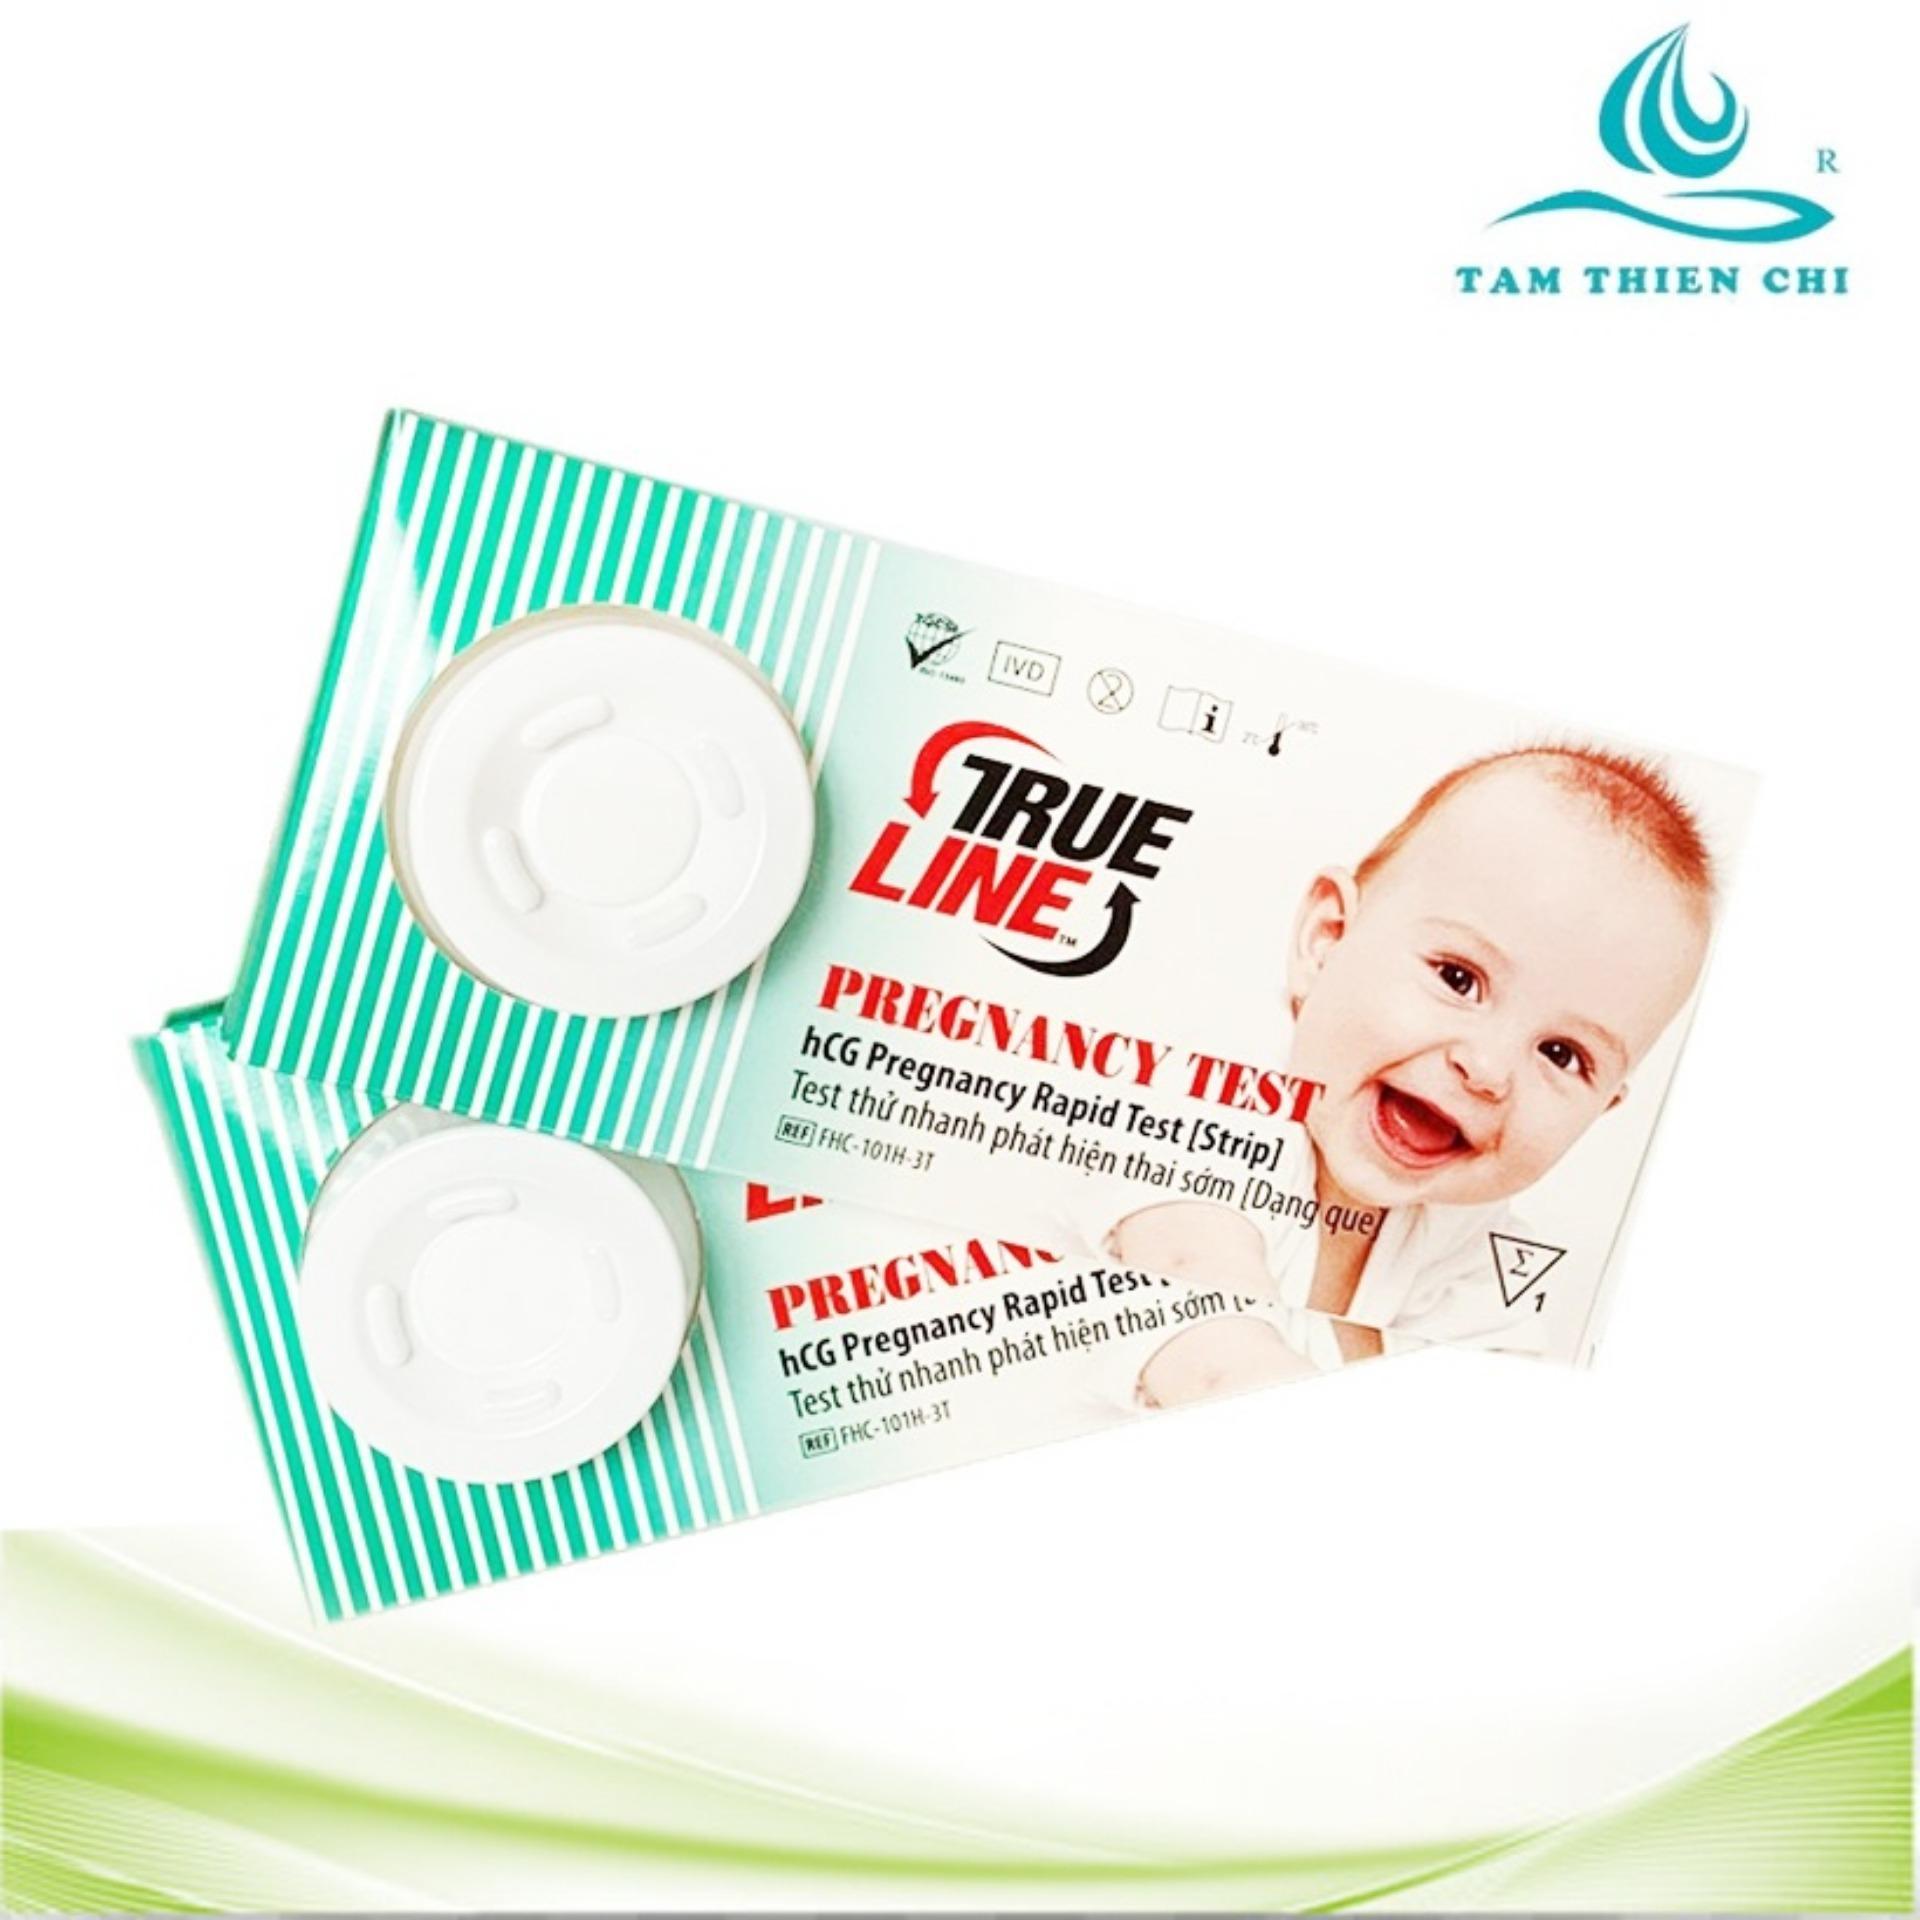 Que thử thai tỉ lệ chính xác cao Trueline Medicon Mỹ bộ 2 hộp (hộp 1 test) nhập khẩu